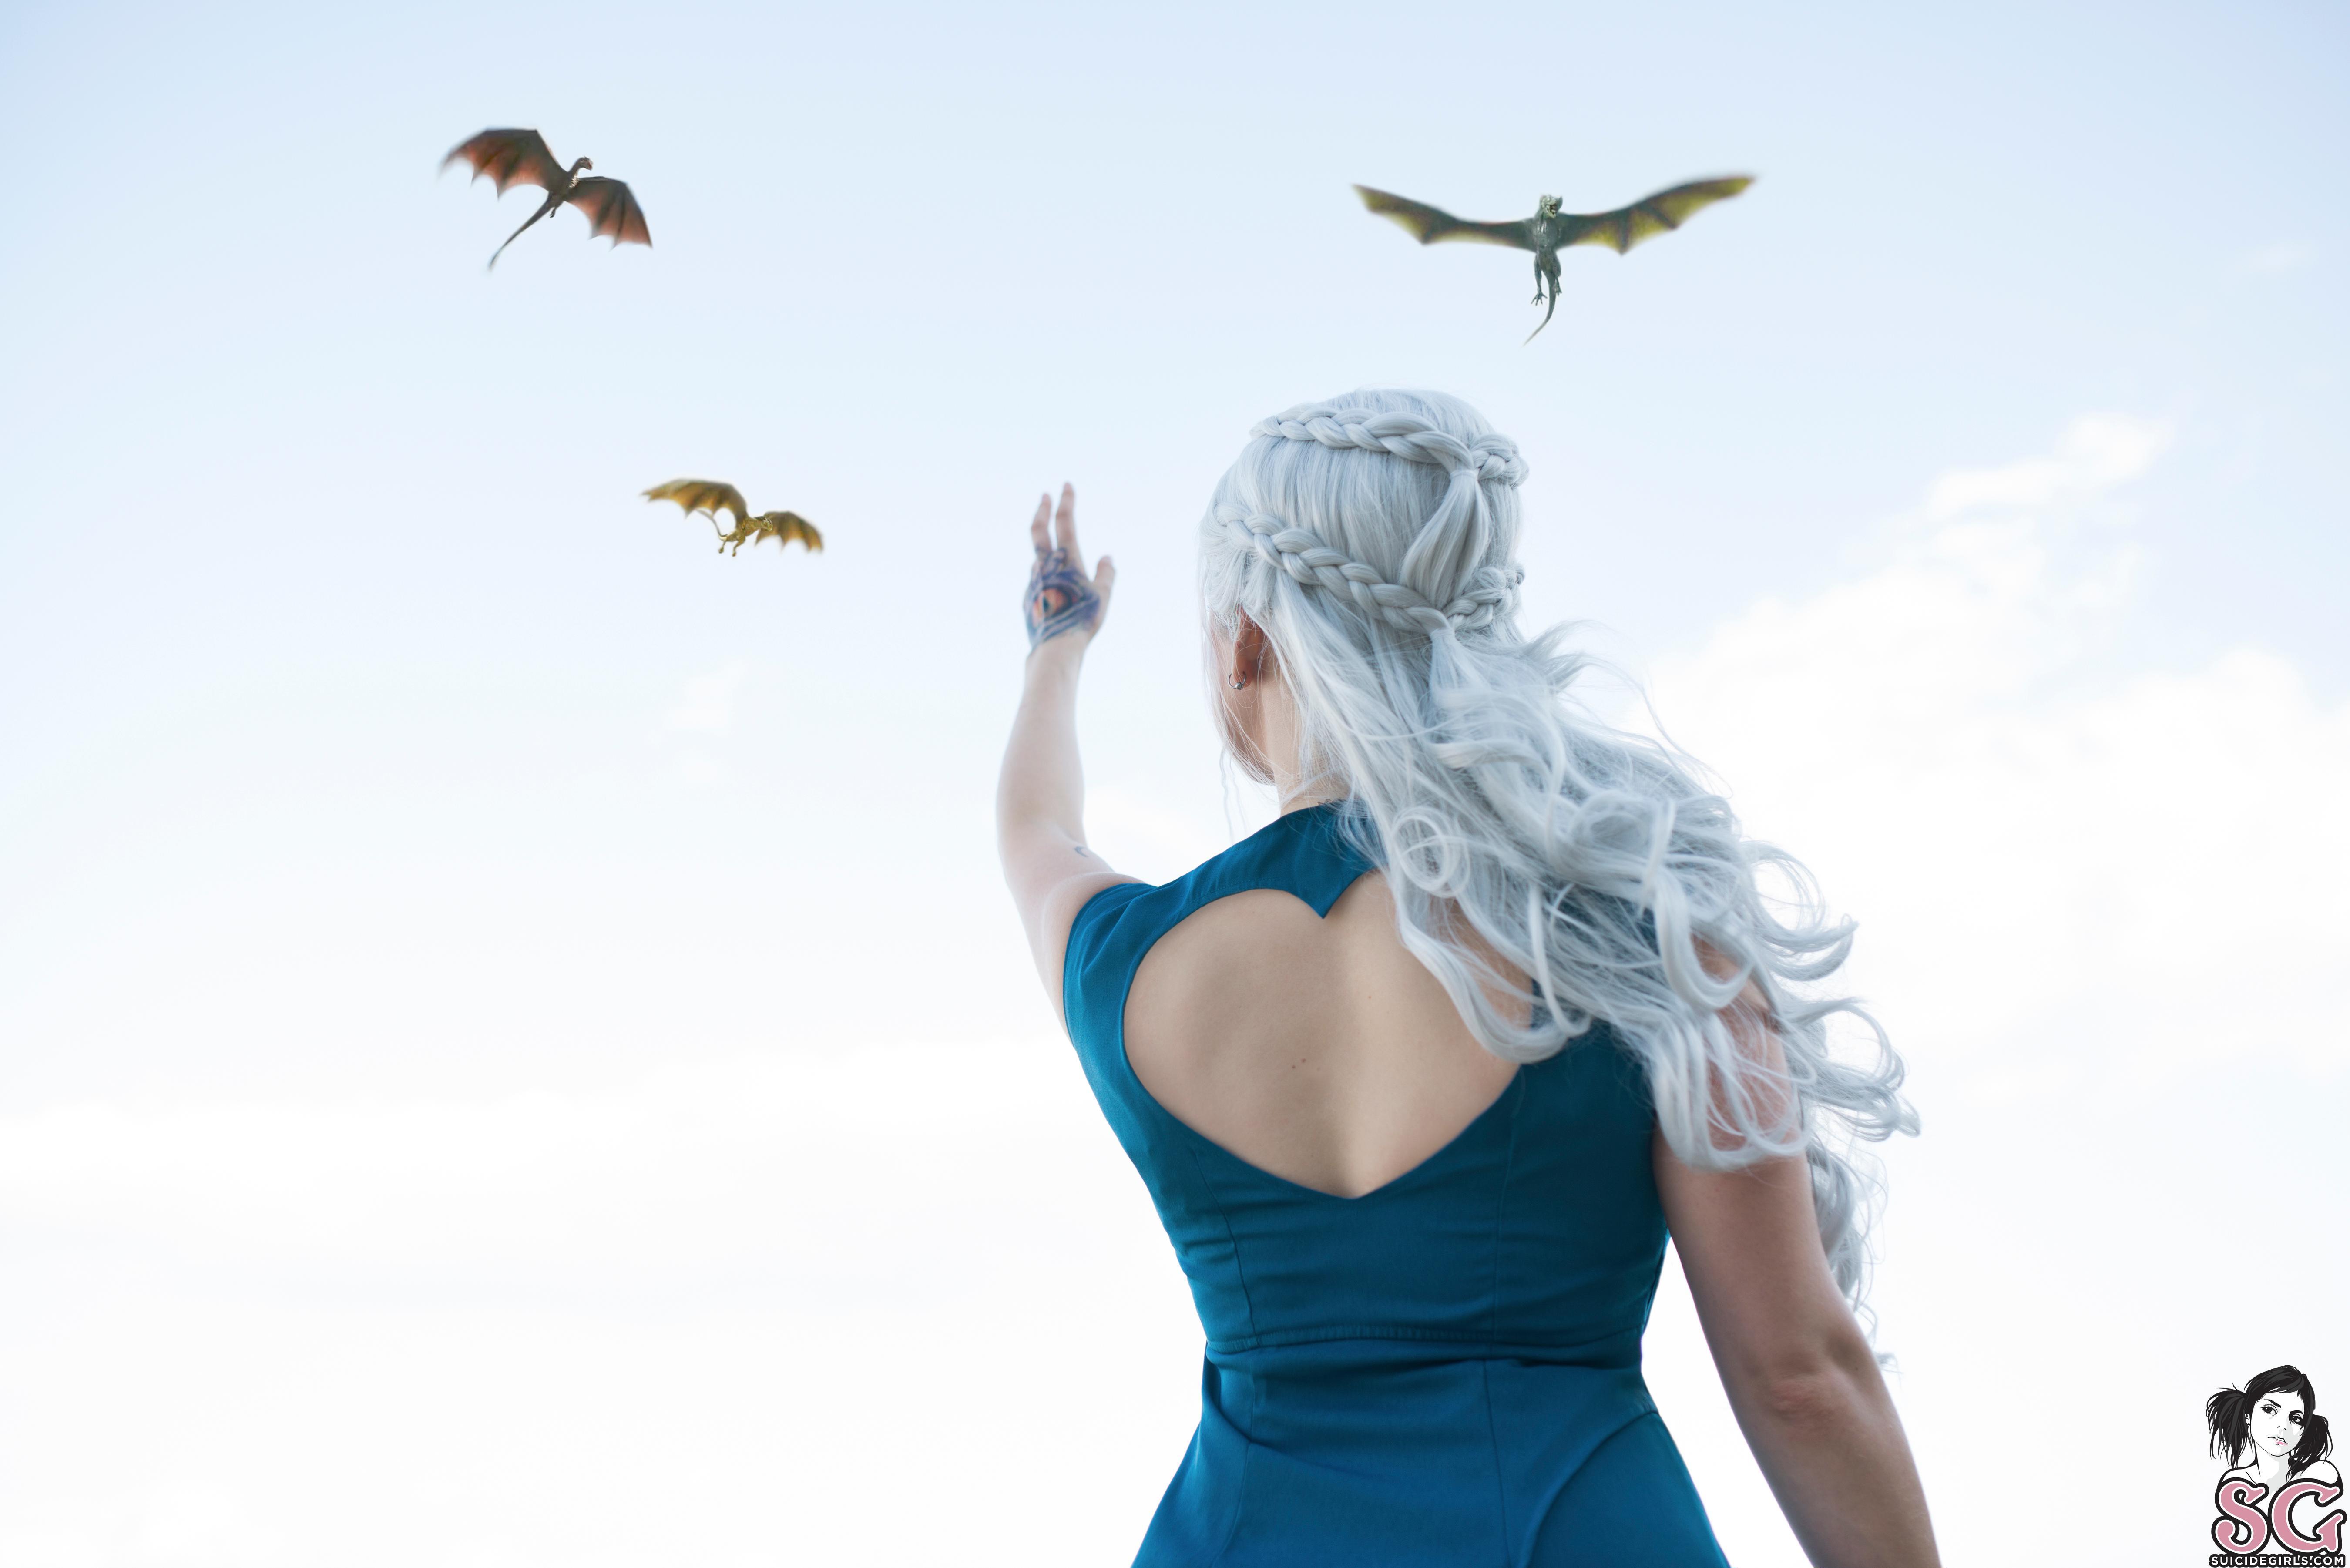 Suicidegirls I Am Your Khaleesi  Siterip  Imageset 5200px  Multimirror